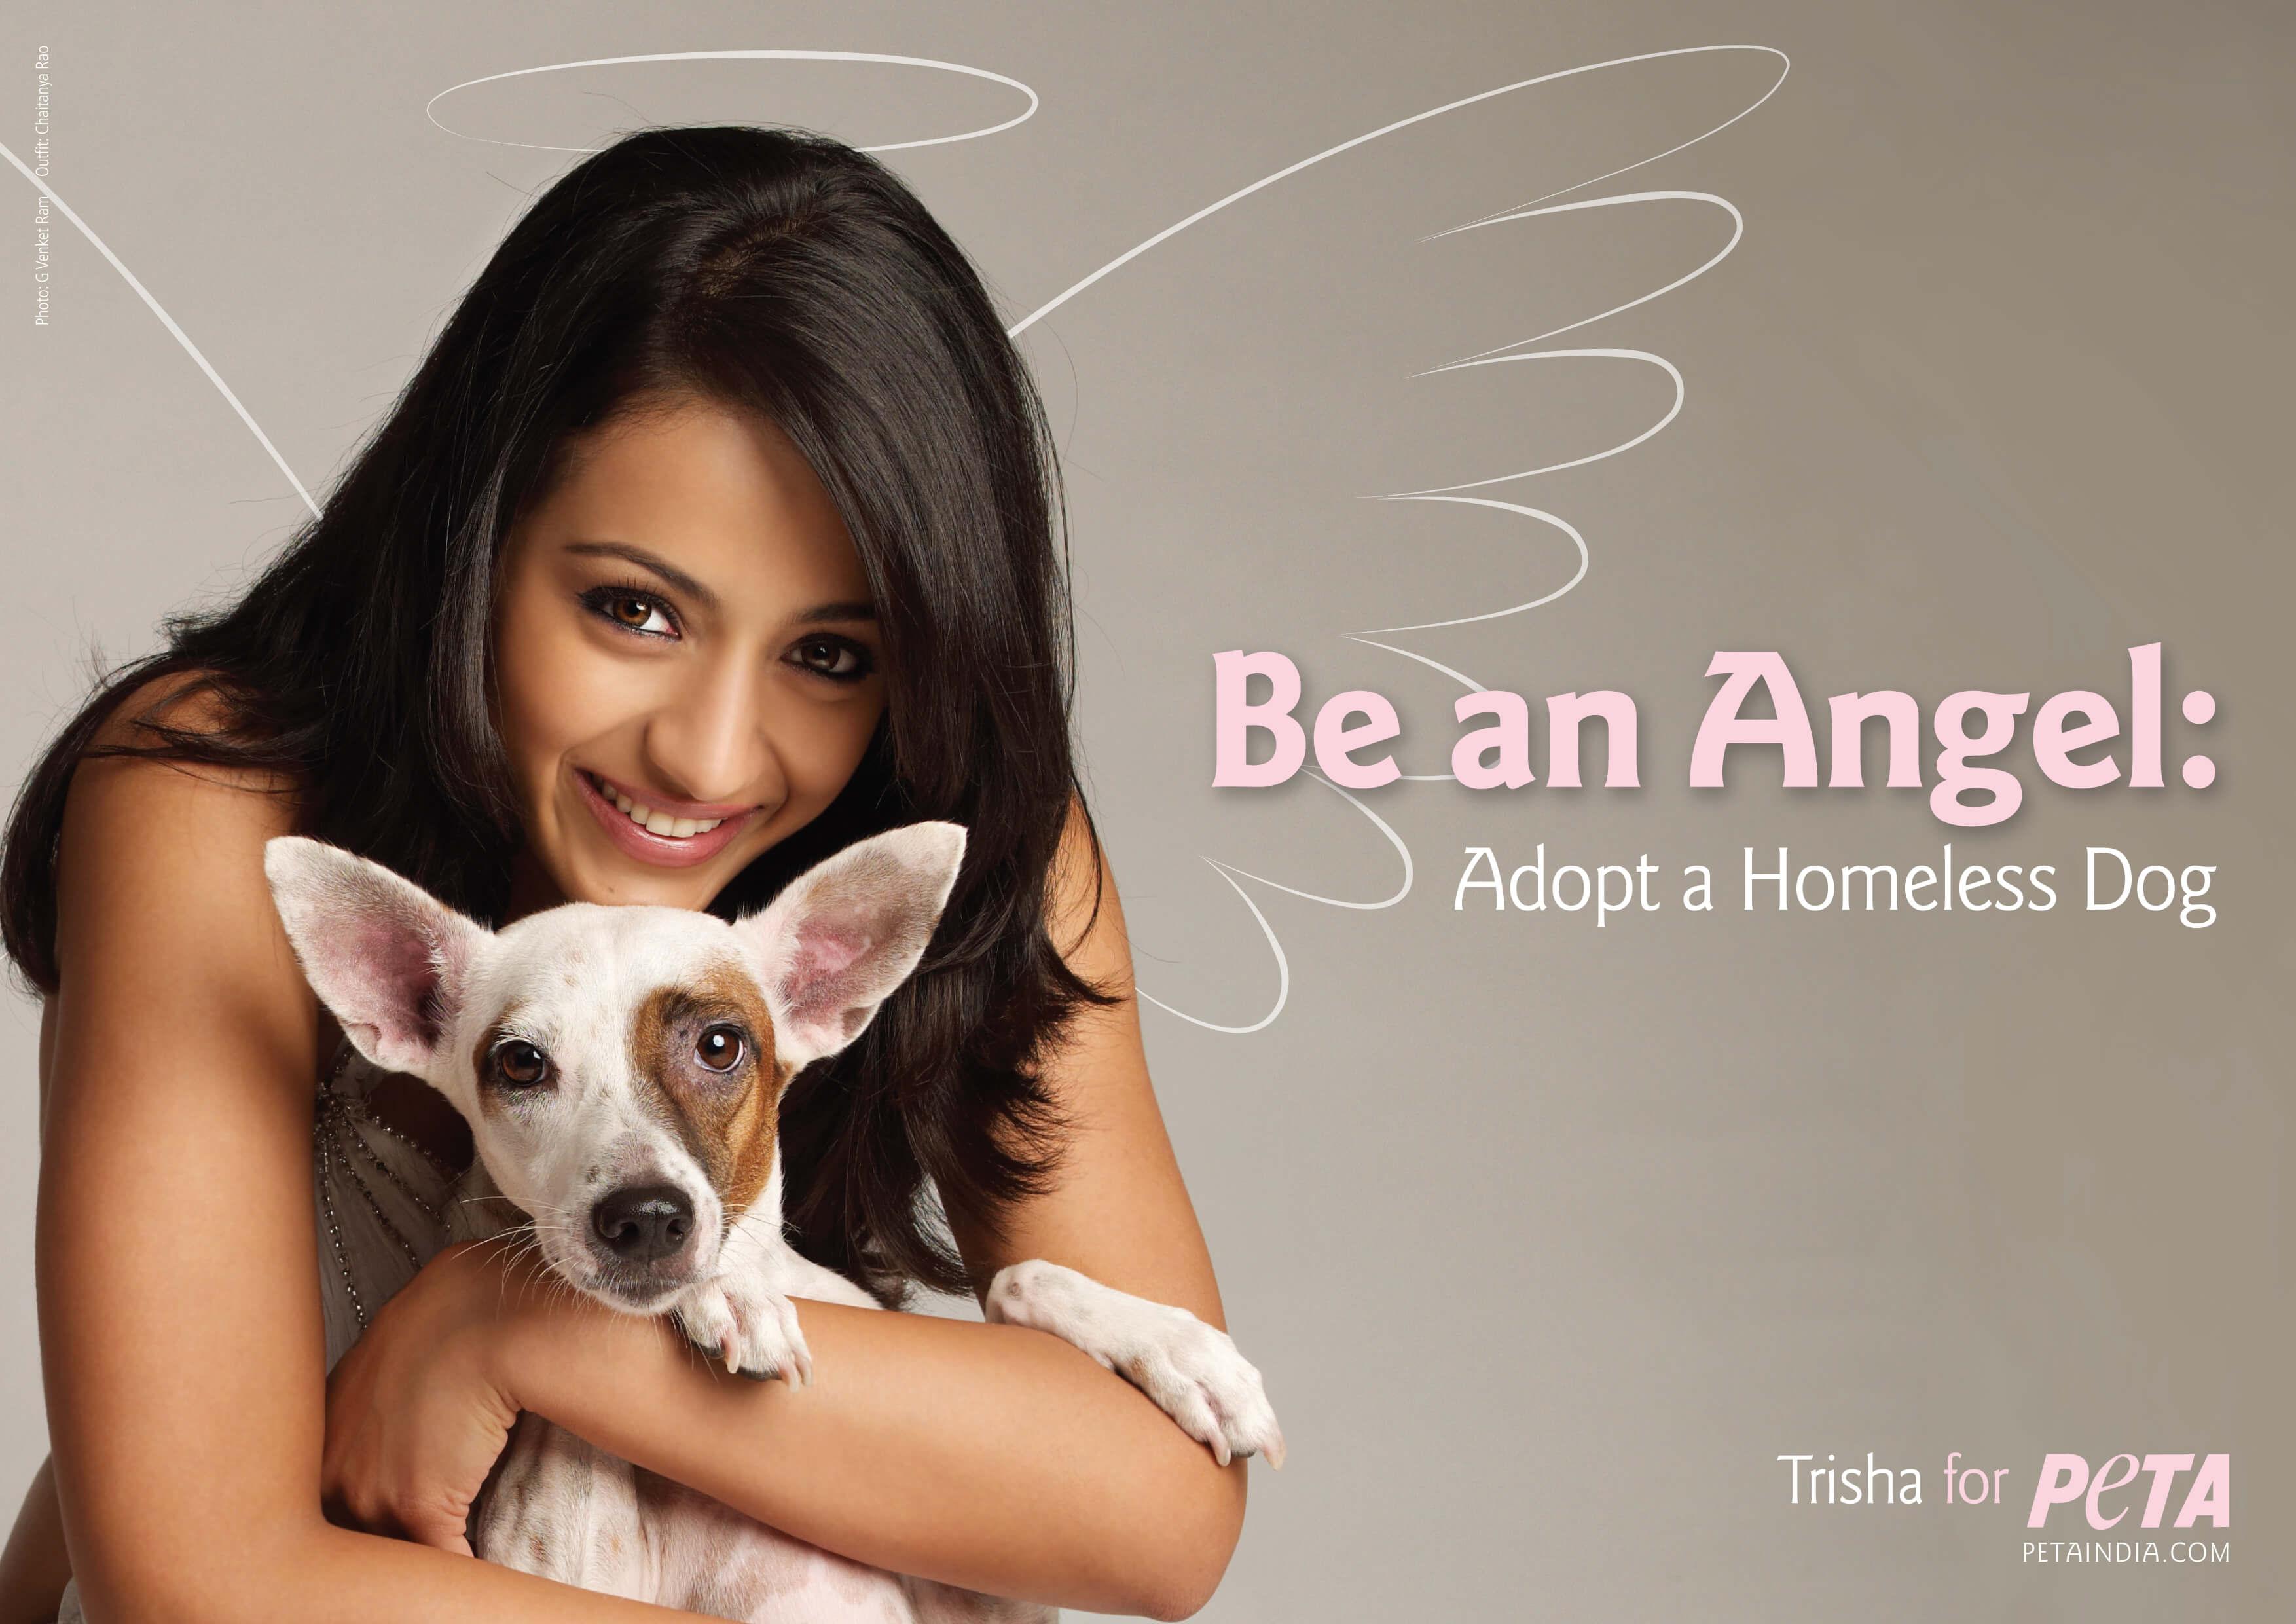 Trisha's ad